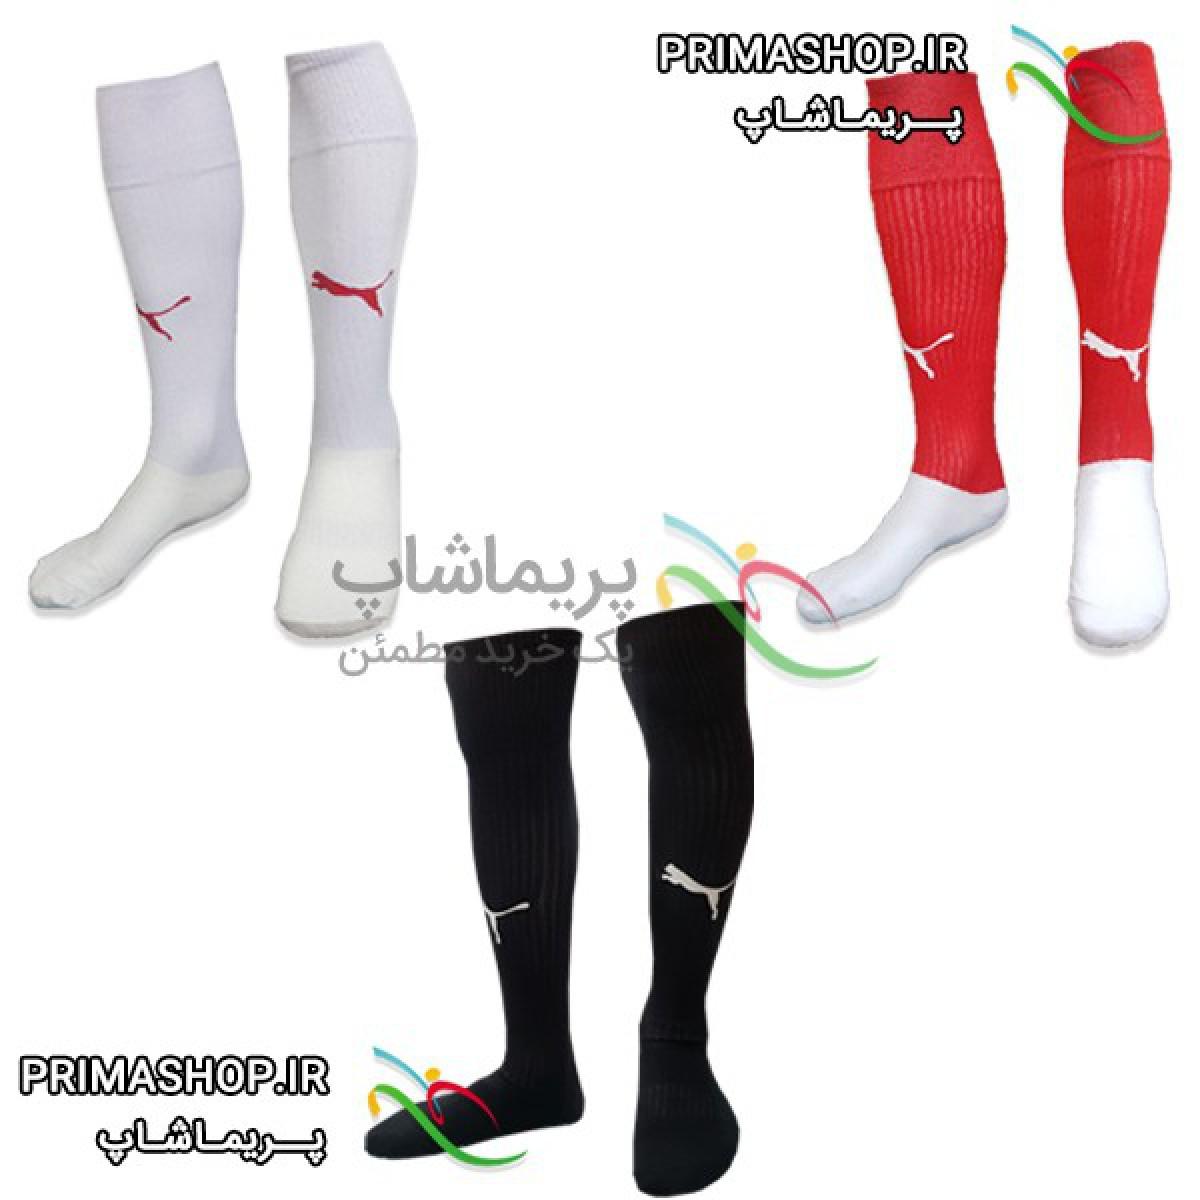 جوراب آث میلان  طرح اورجینال ایرانی